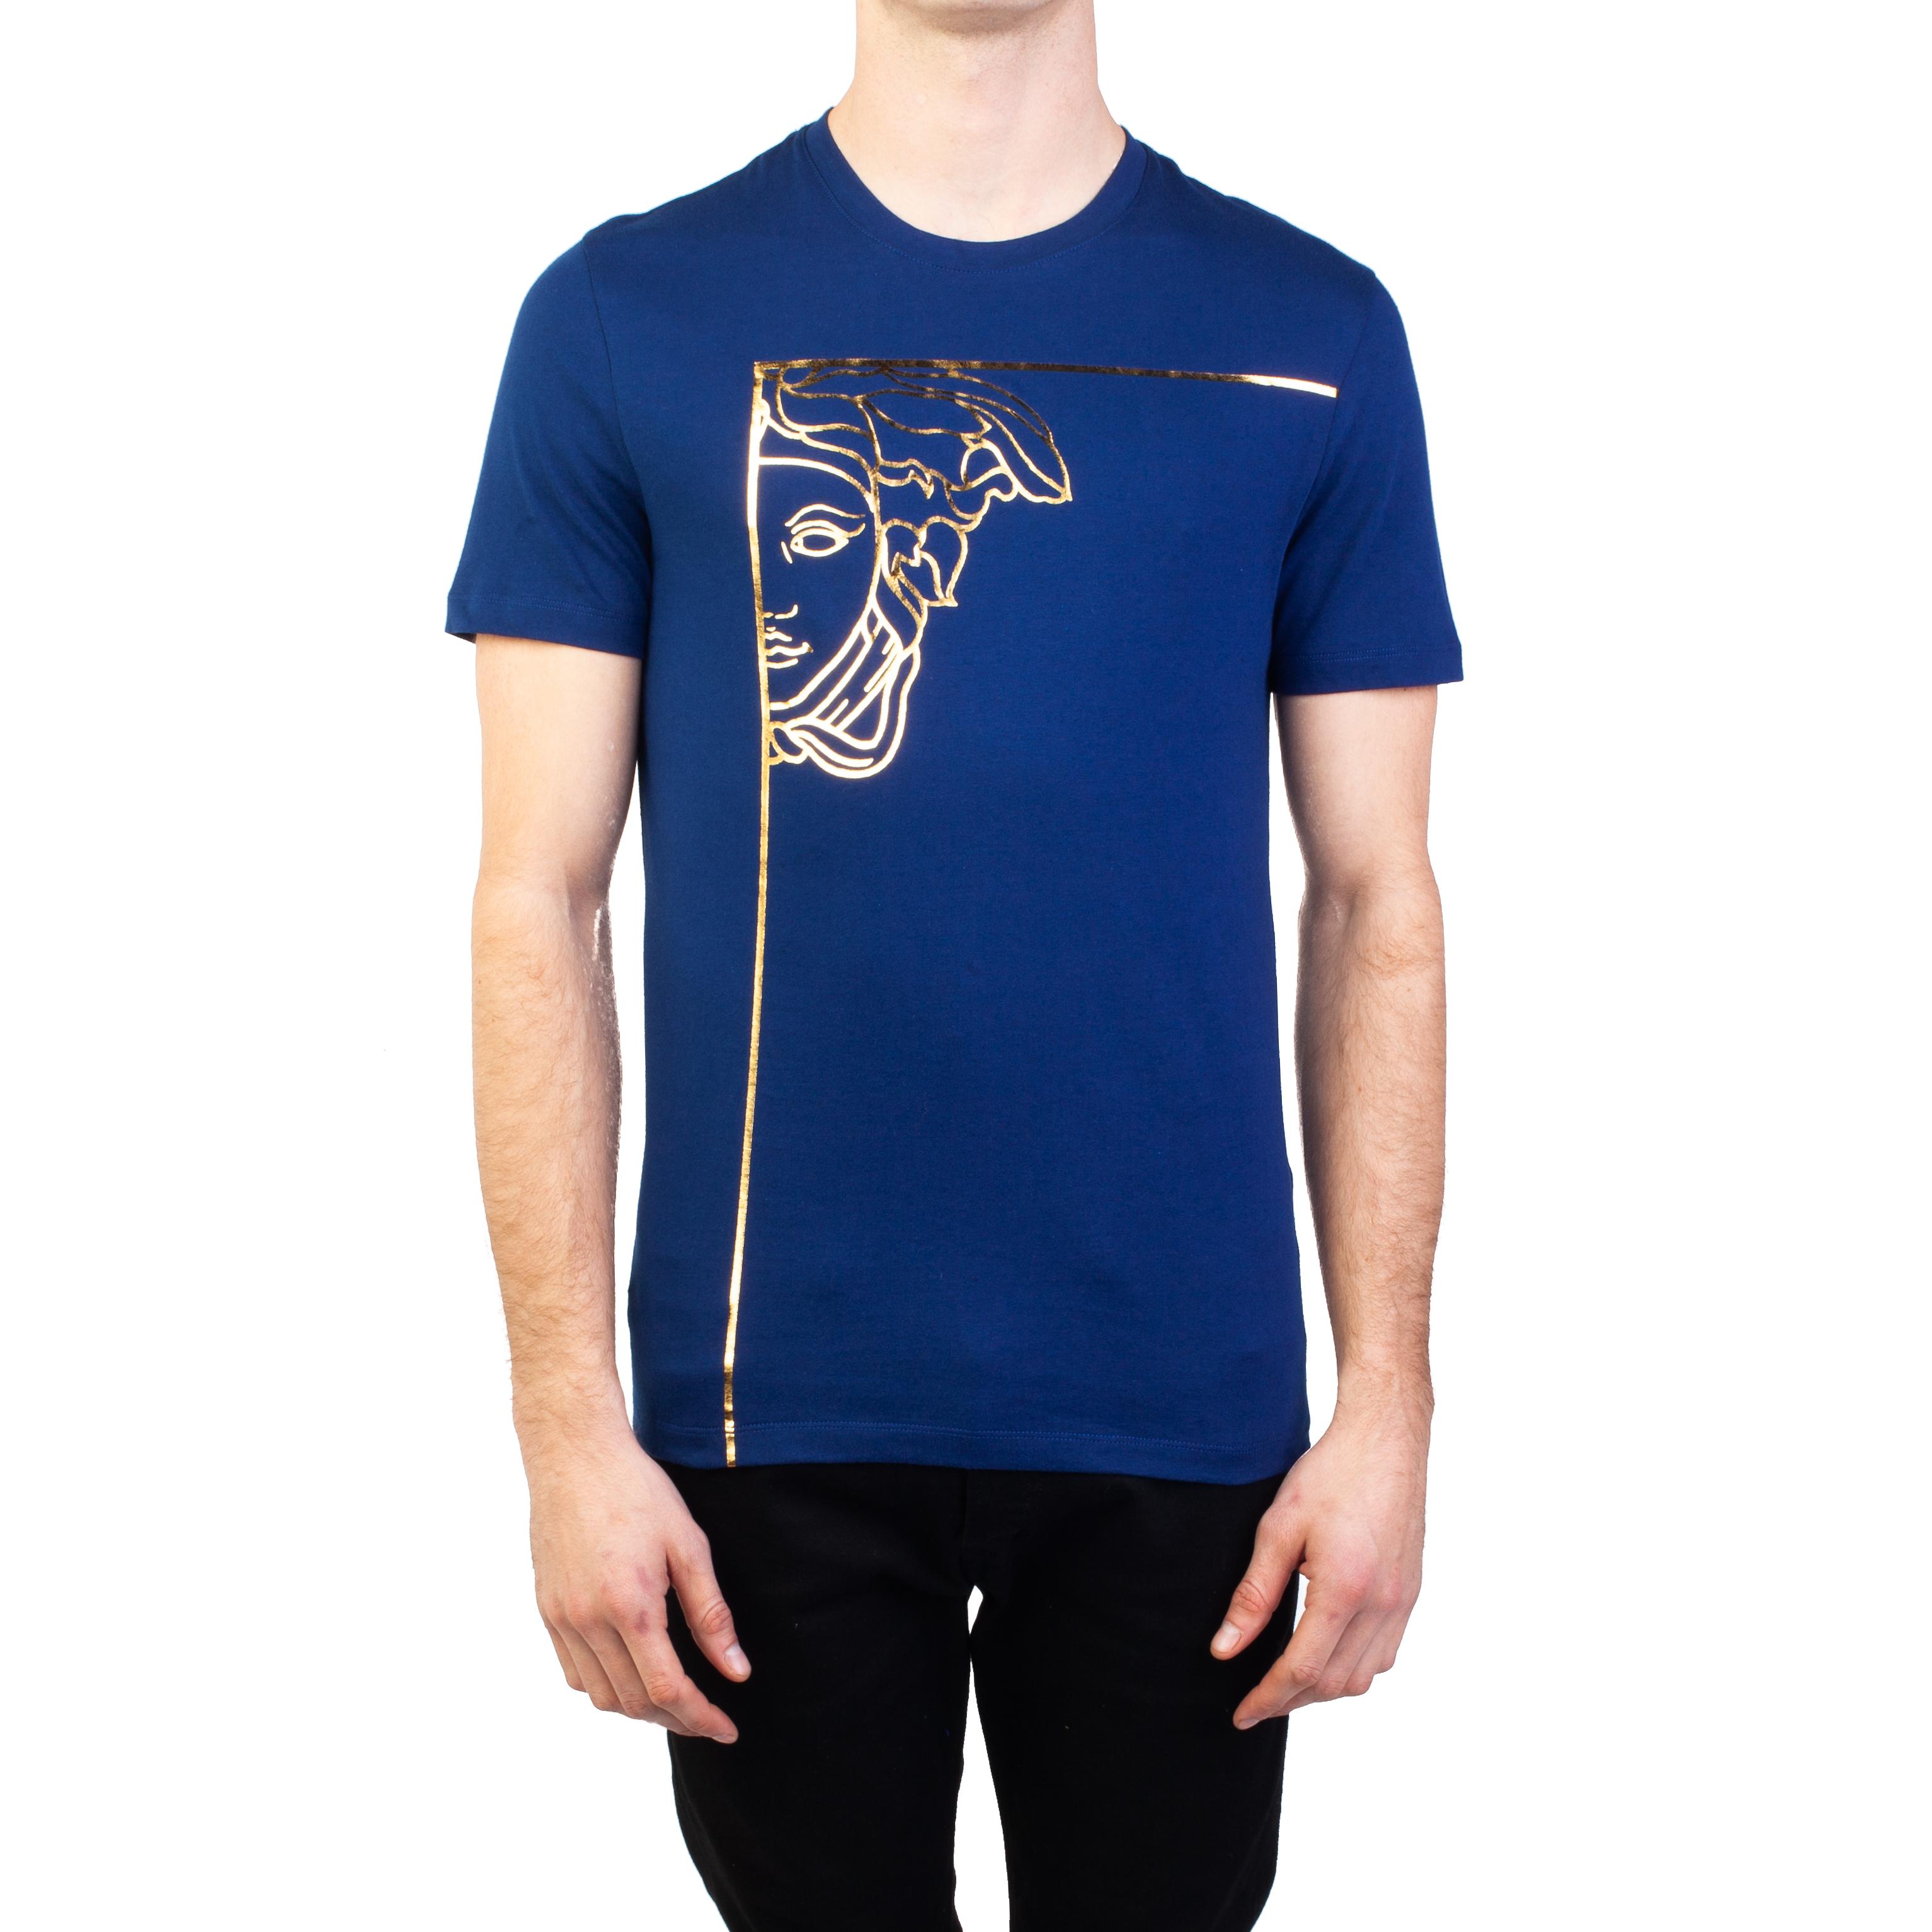 5c237ff3 Details about Versace Collection Men's Cotton Angular Medusa Graphic T-Shirt  Blue Gold